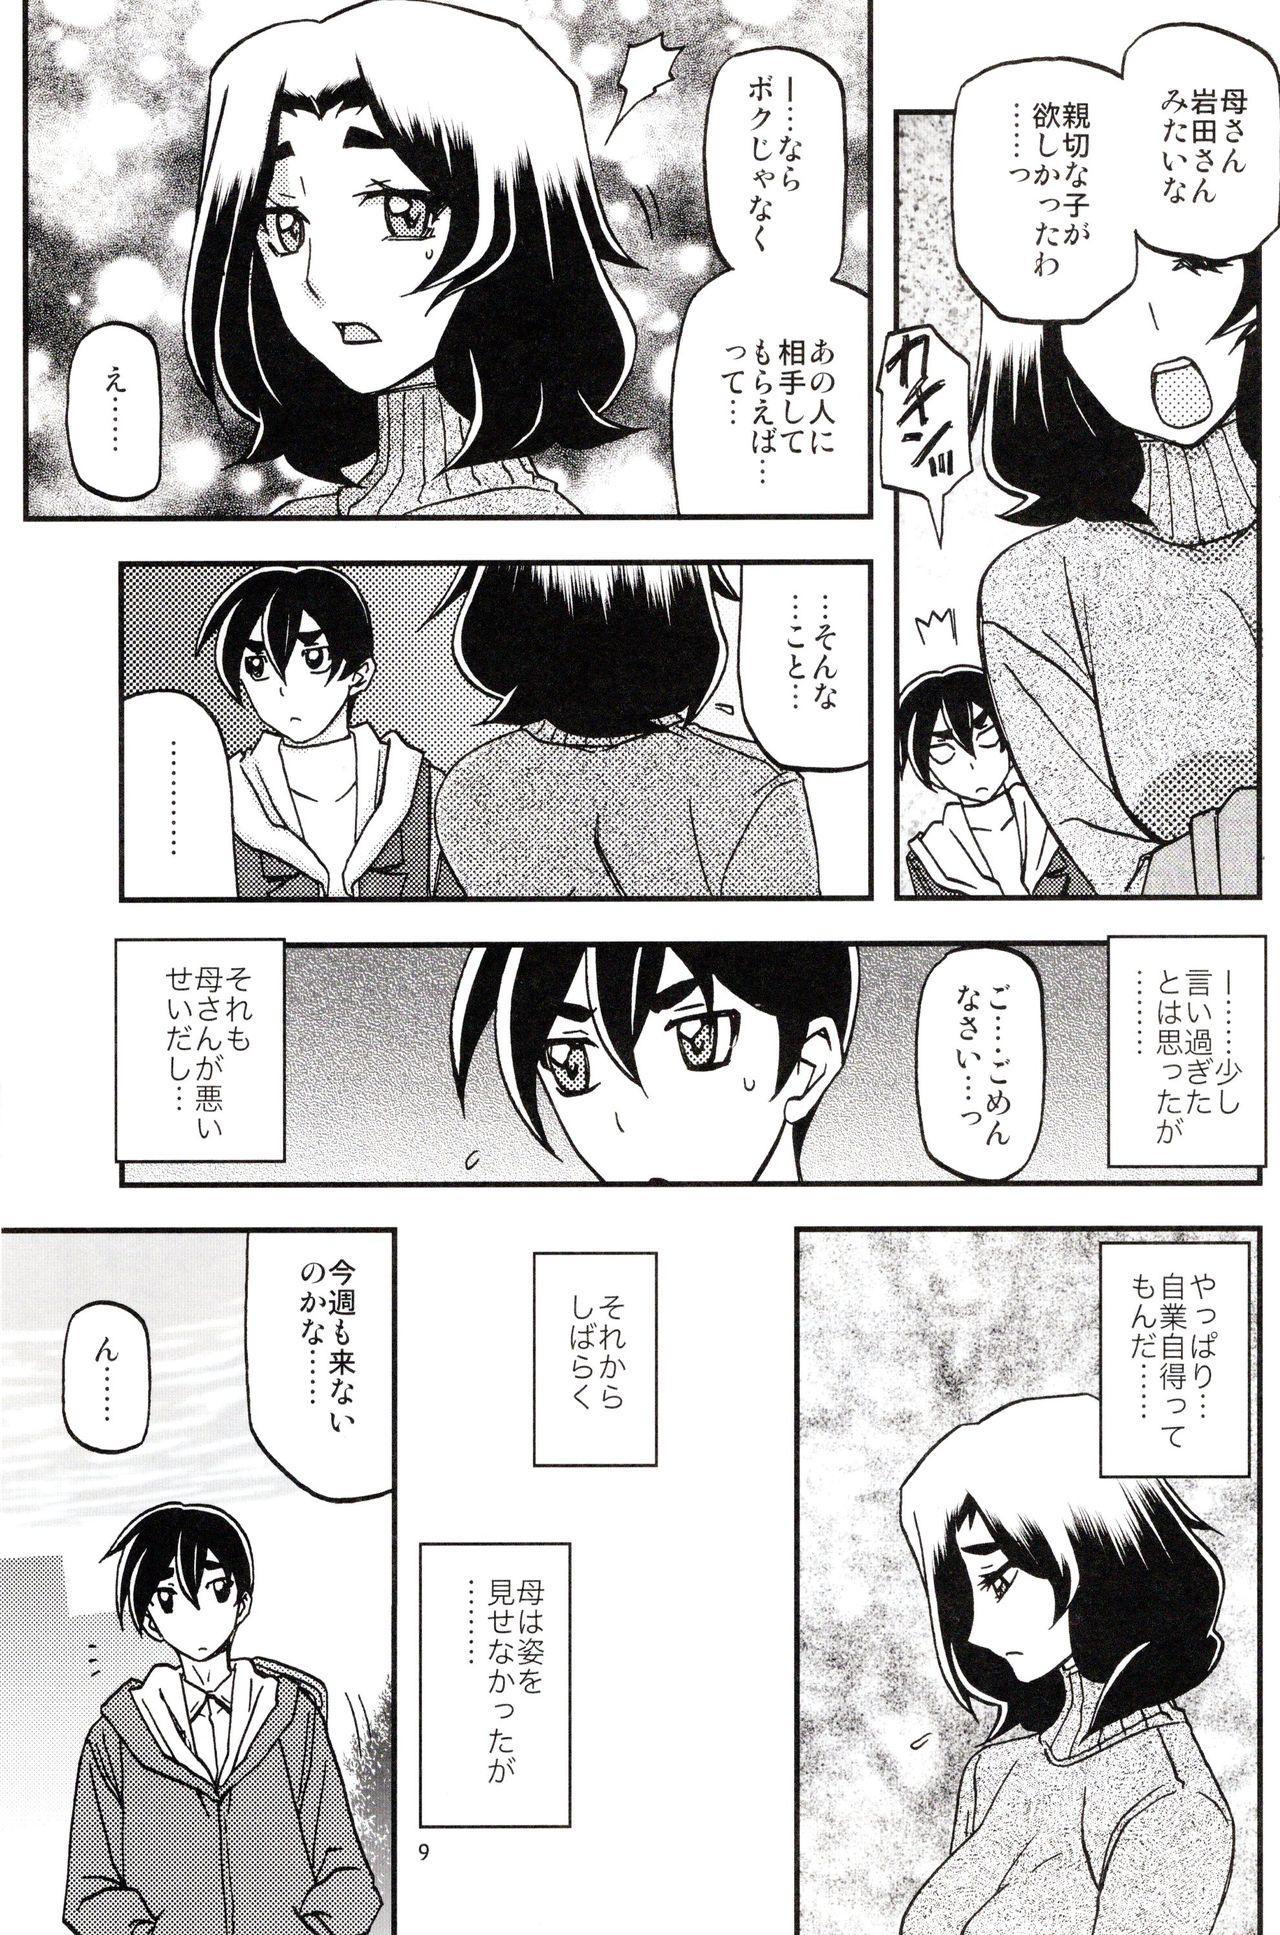 Yama Hime no Mi Orie 7